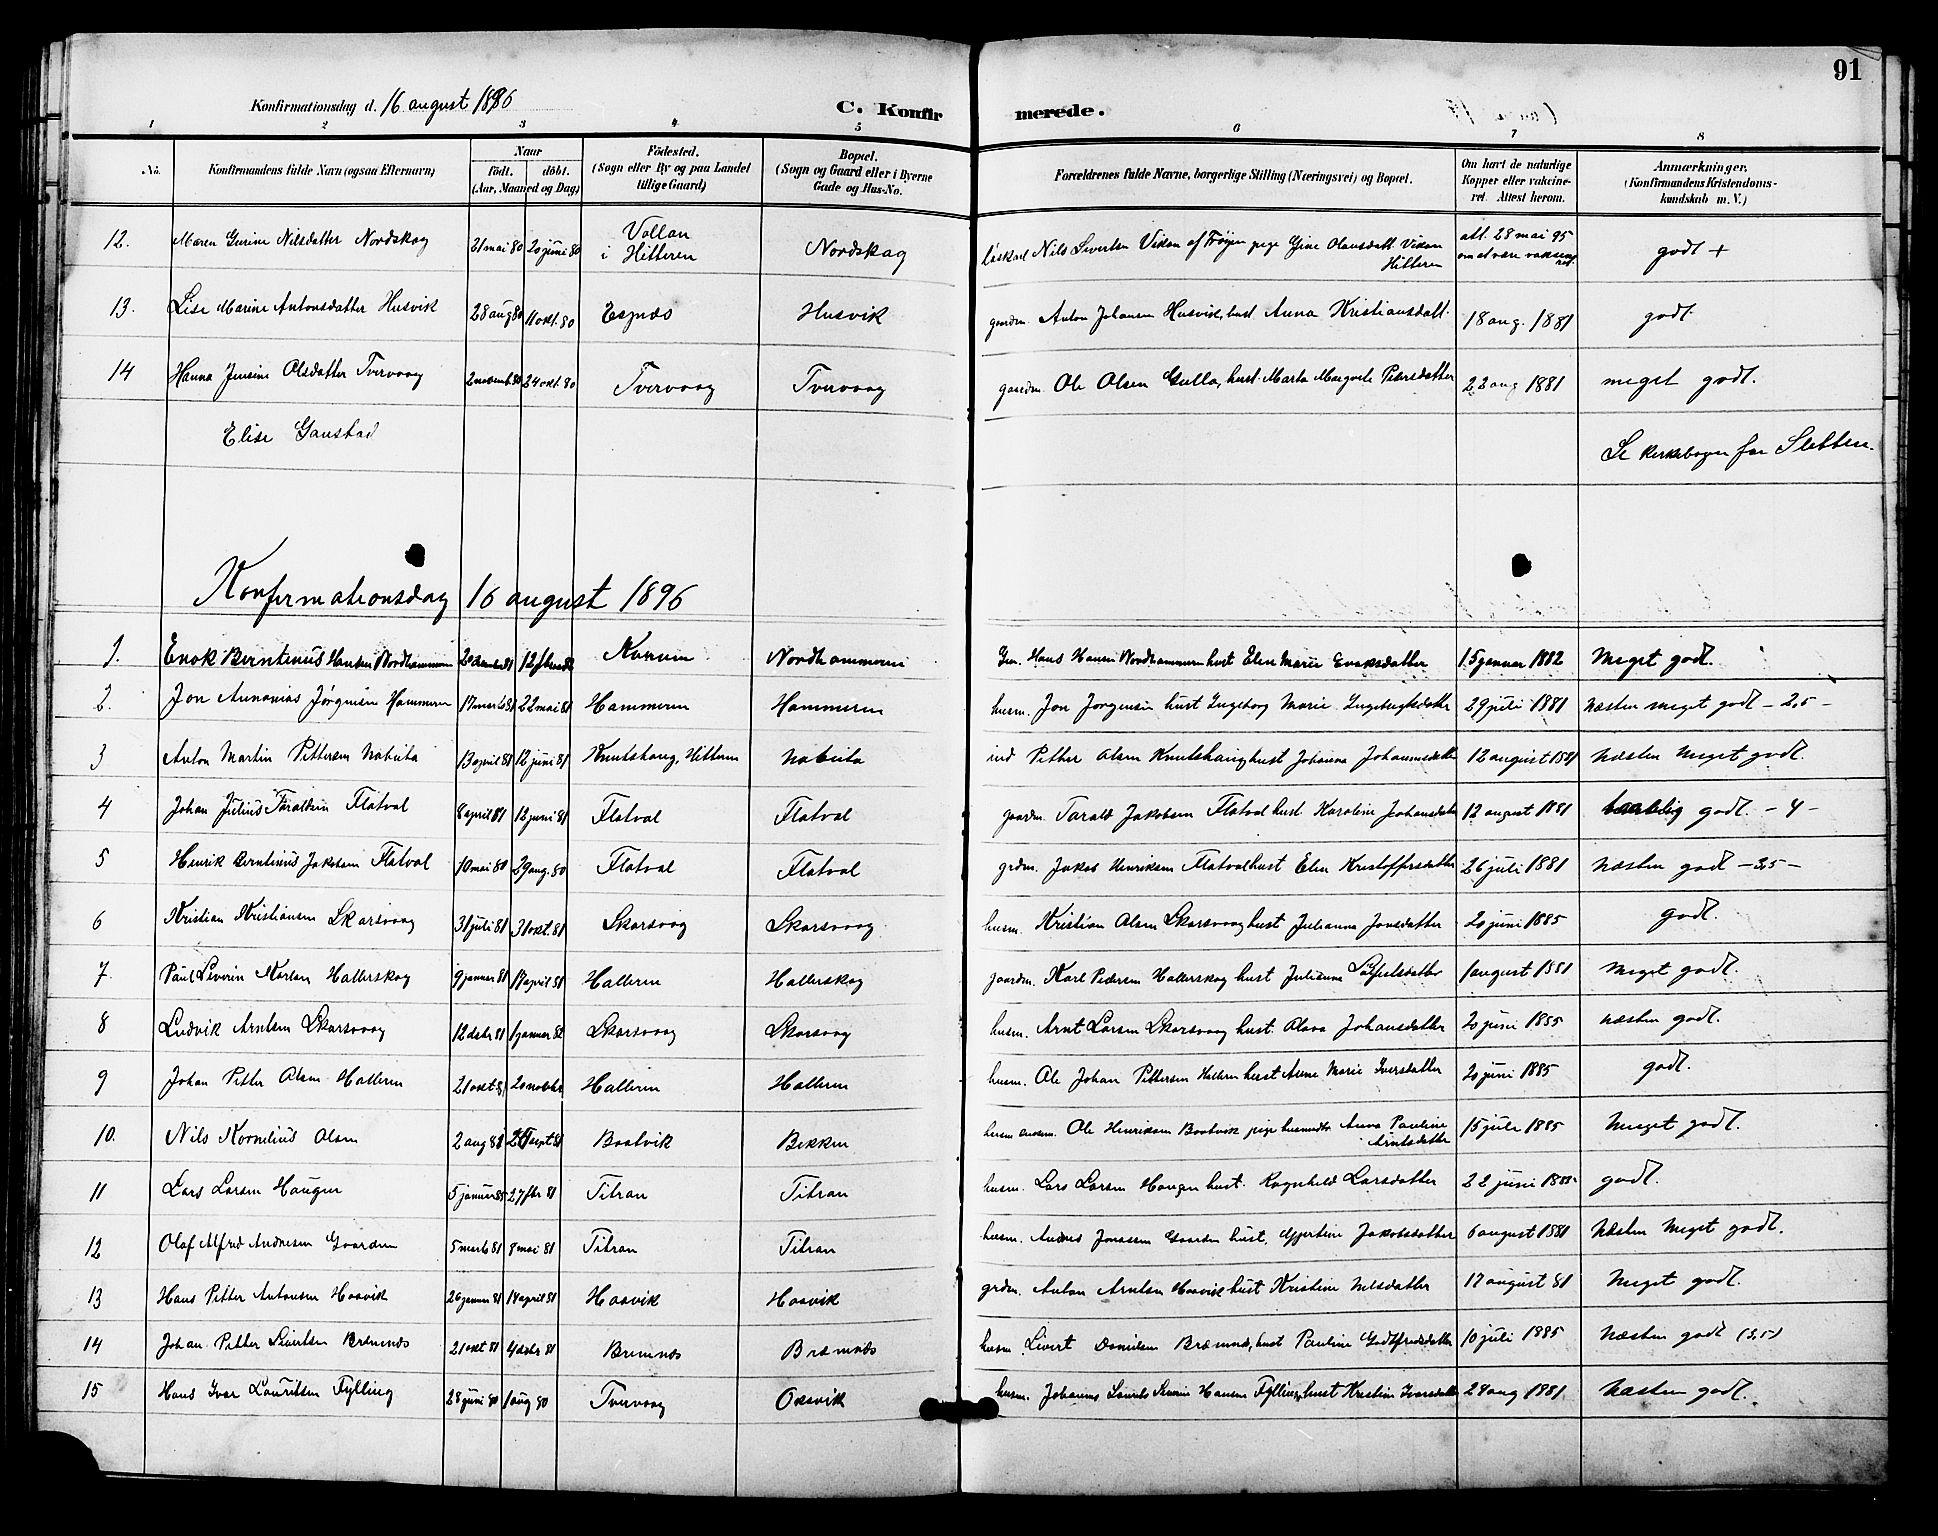 SAT, Ministerialprotokoller, klokkerbøker og fødselsregistre - Sør-Trøndelag, 641/L0598: Klokkerbok nr. 641C02, 1893-1910, s. 91